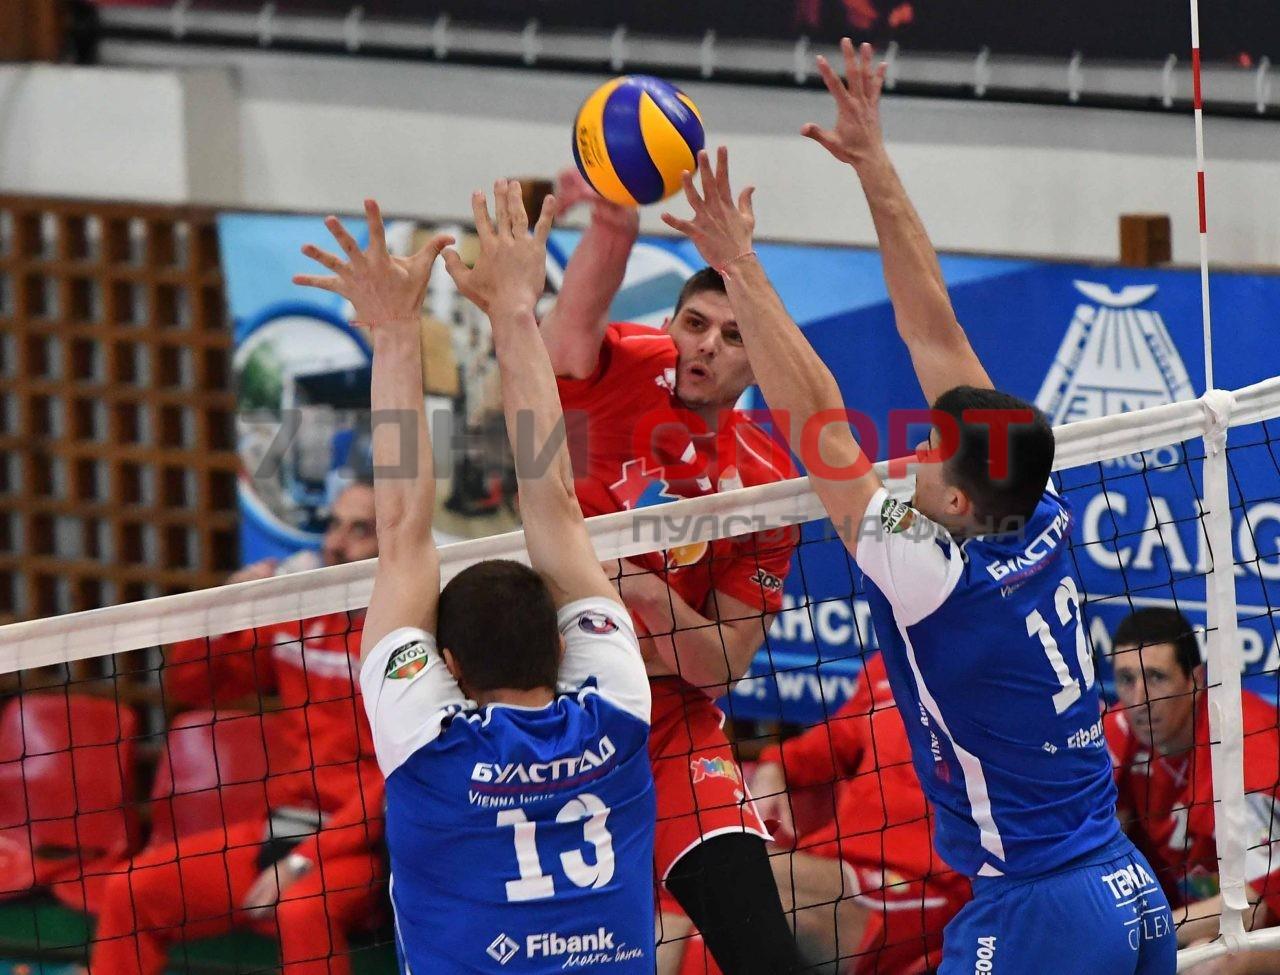 Цска-Пирин-разлог-волейбол-мъже-7-1280x975.jpg